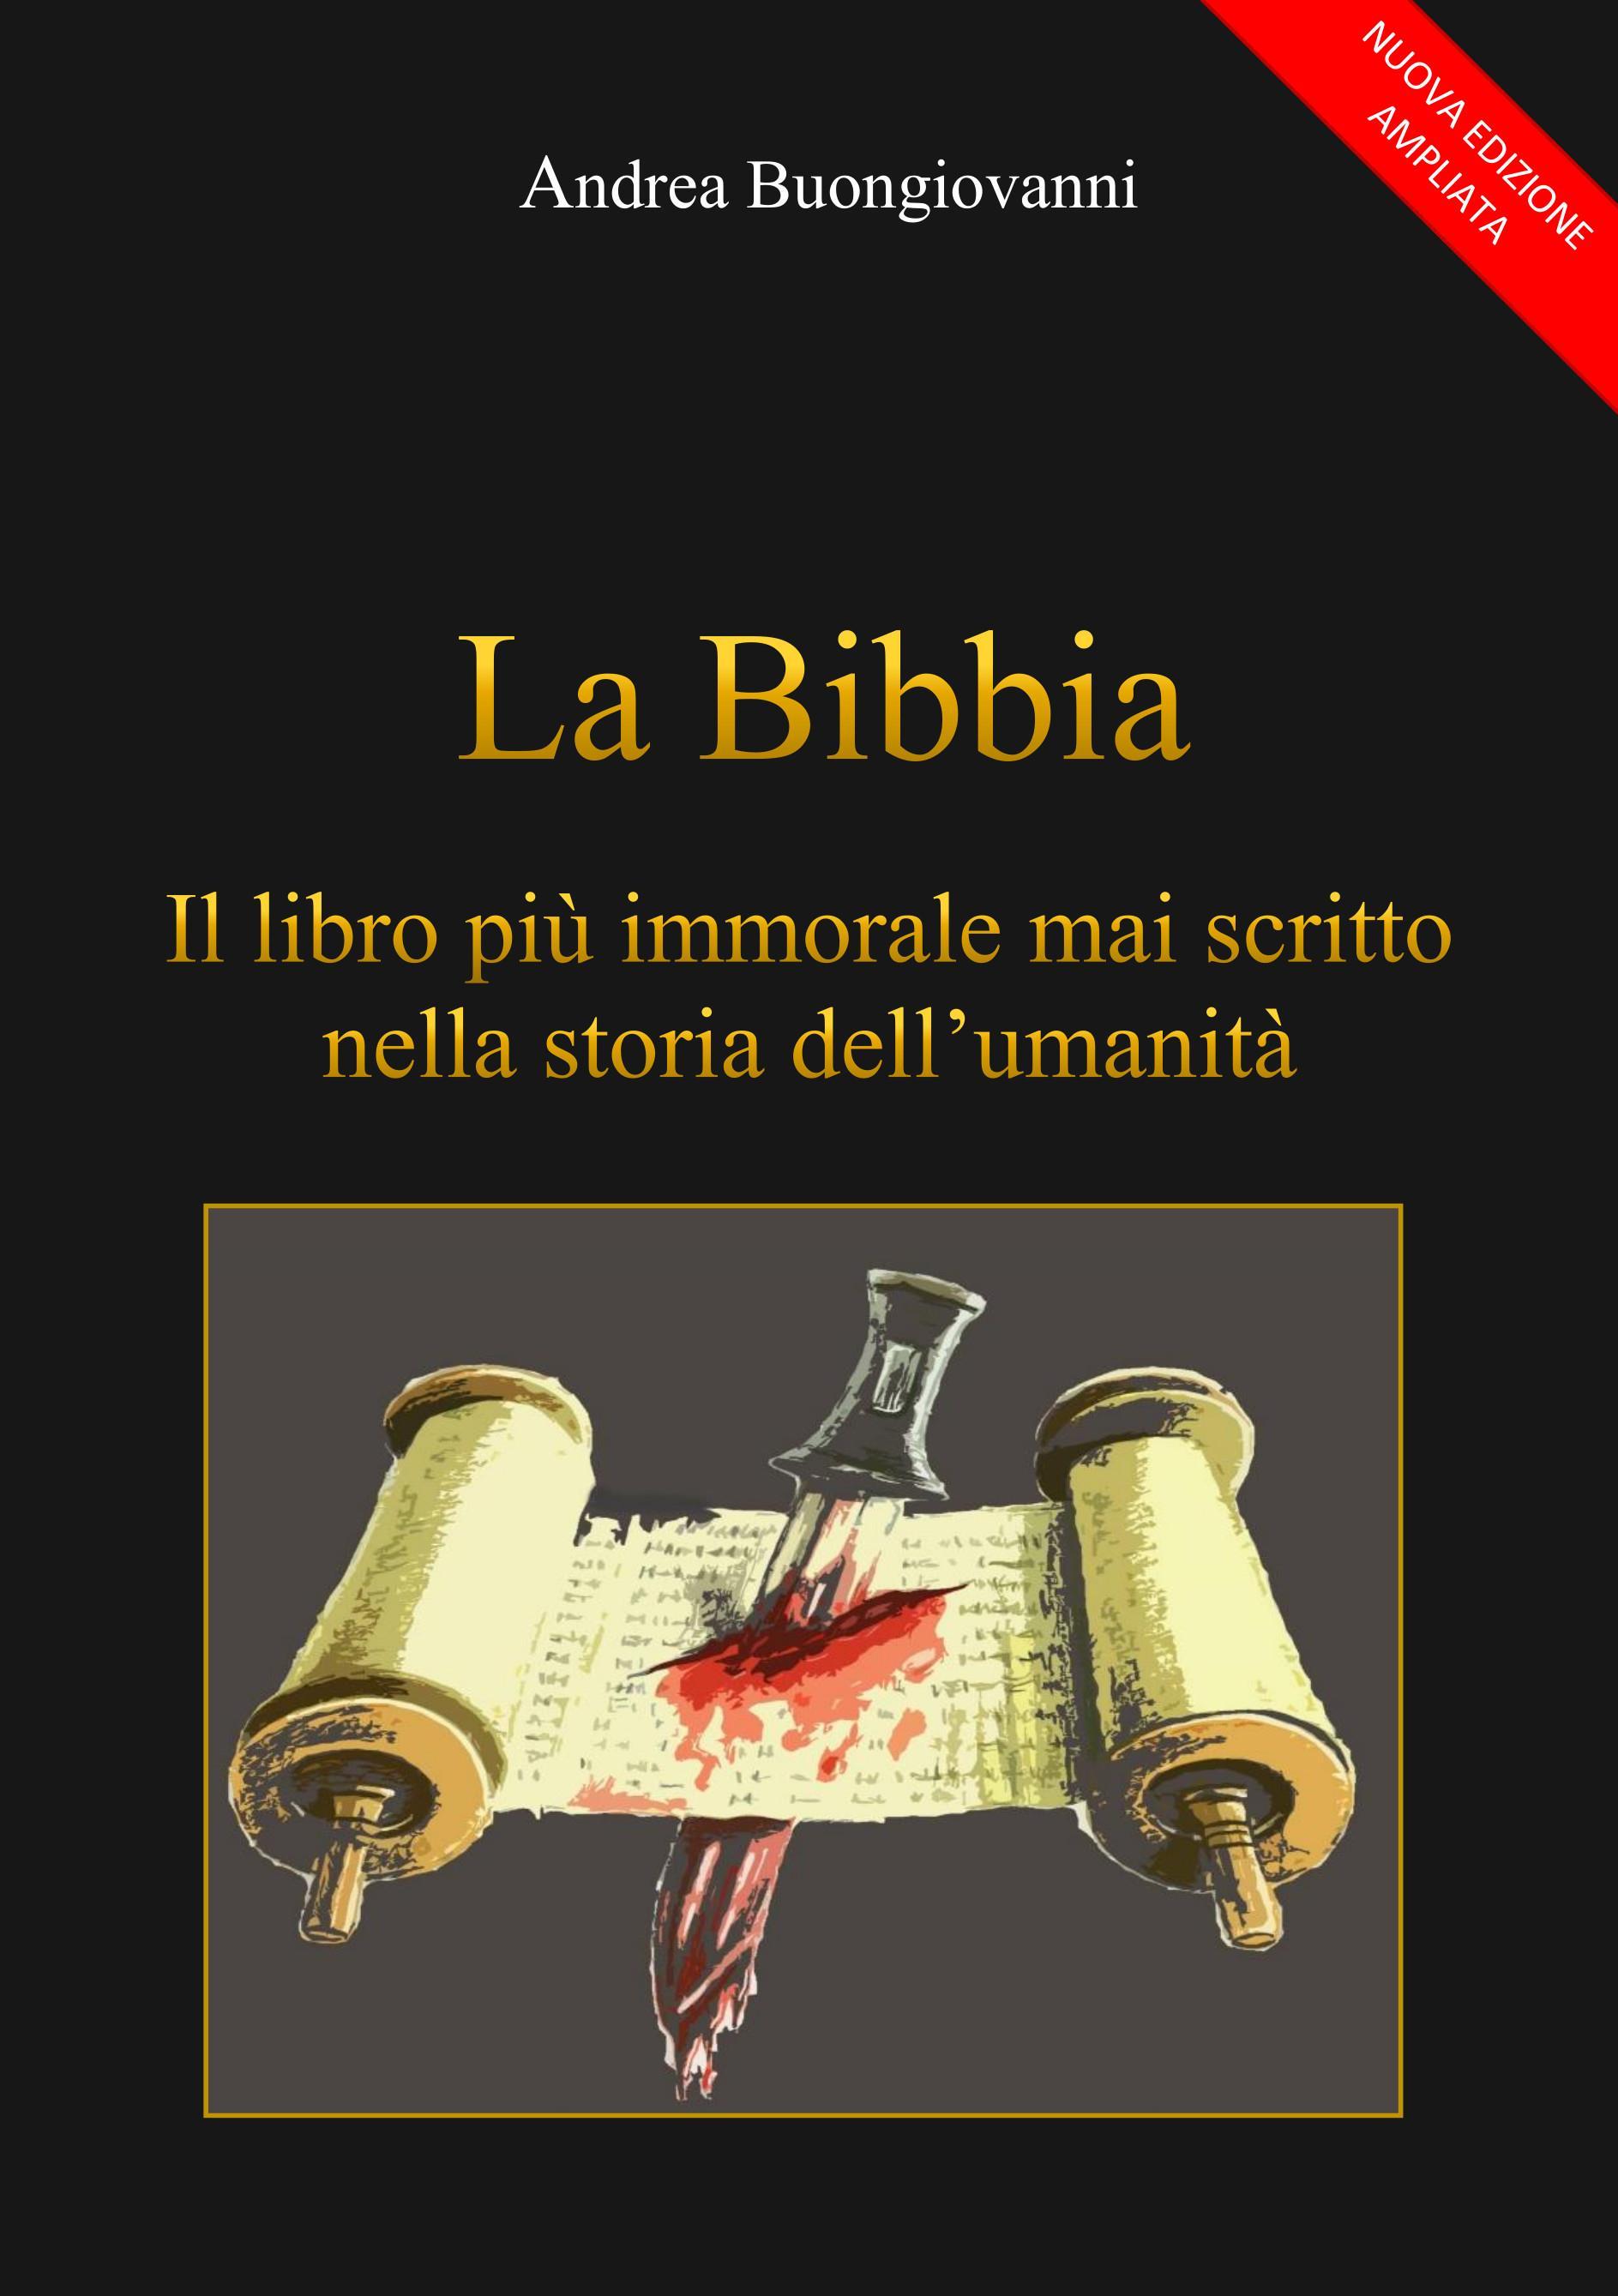 La Bibbia: il libro più immorale mai scritto nella storia dell'umanità